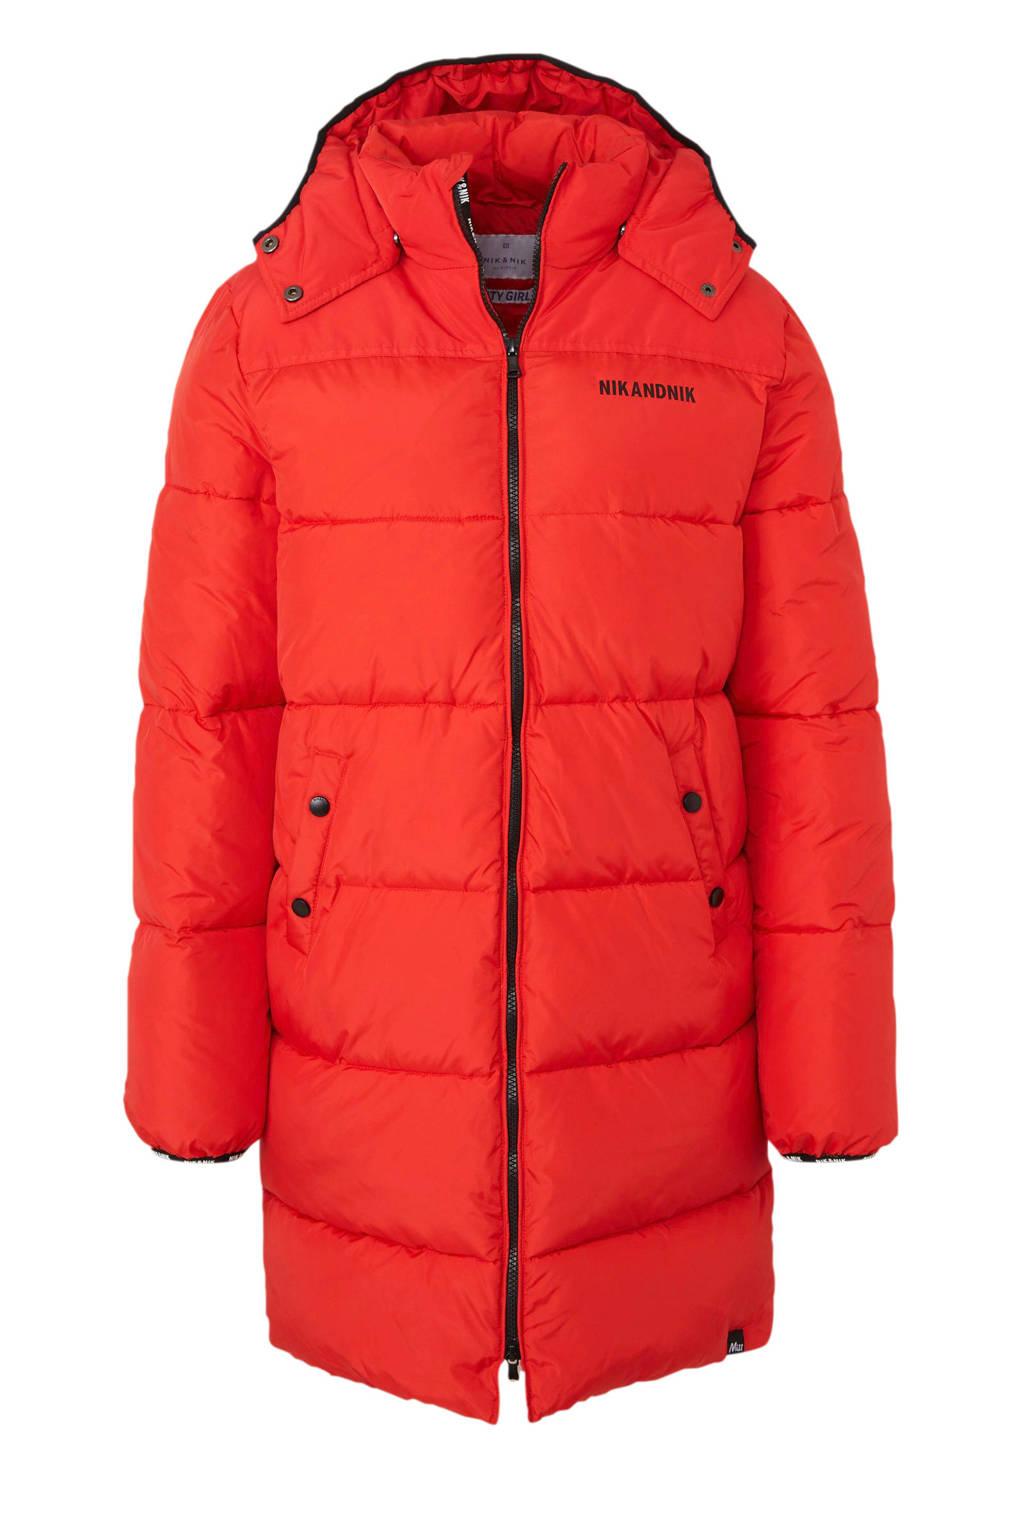 NIK&NIK winterjas Emia rood, Rood